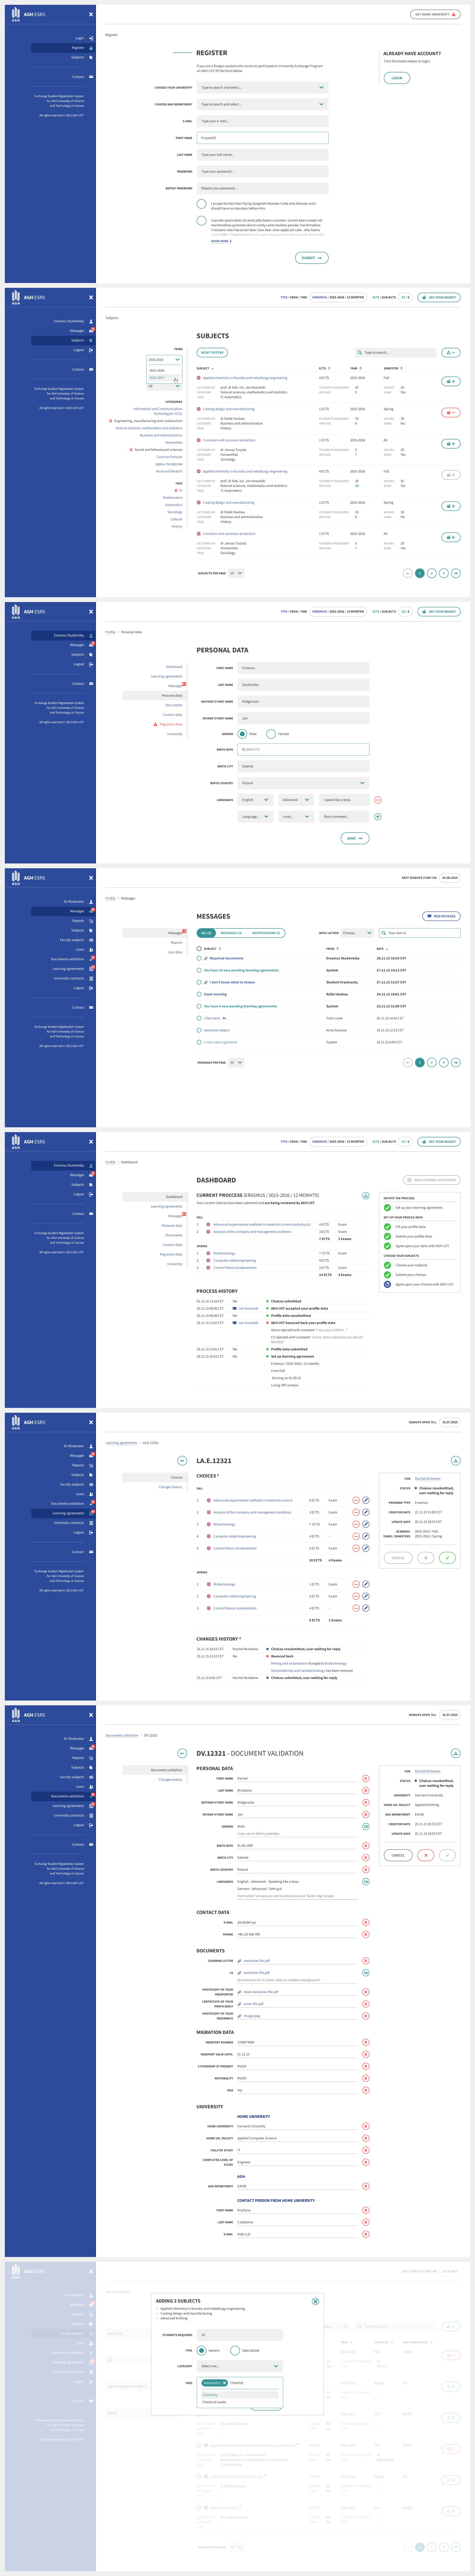 AGH ESRS interface by underovsky